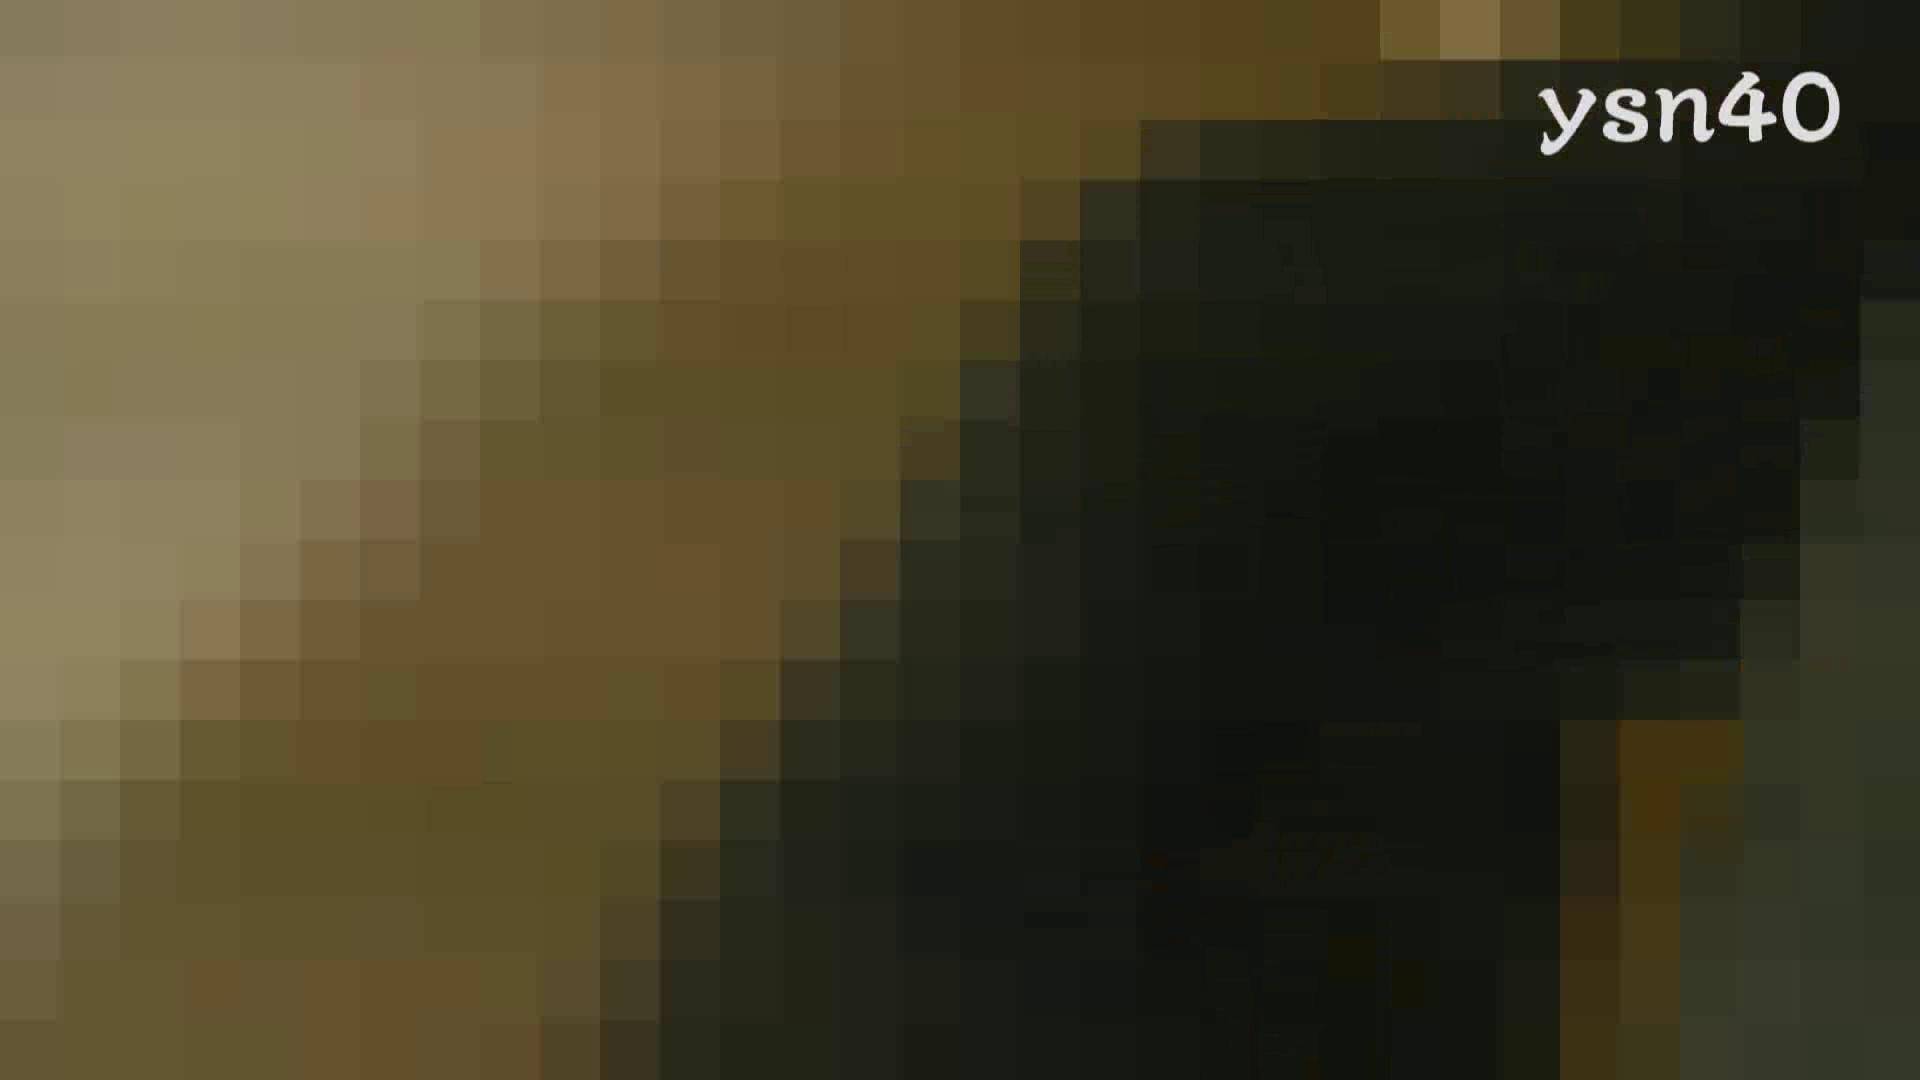 世界の射窓から vol.40 あの体勢エロ過ぎます 高画質 われめAV動画紹介 58画像 53